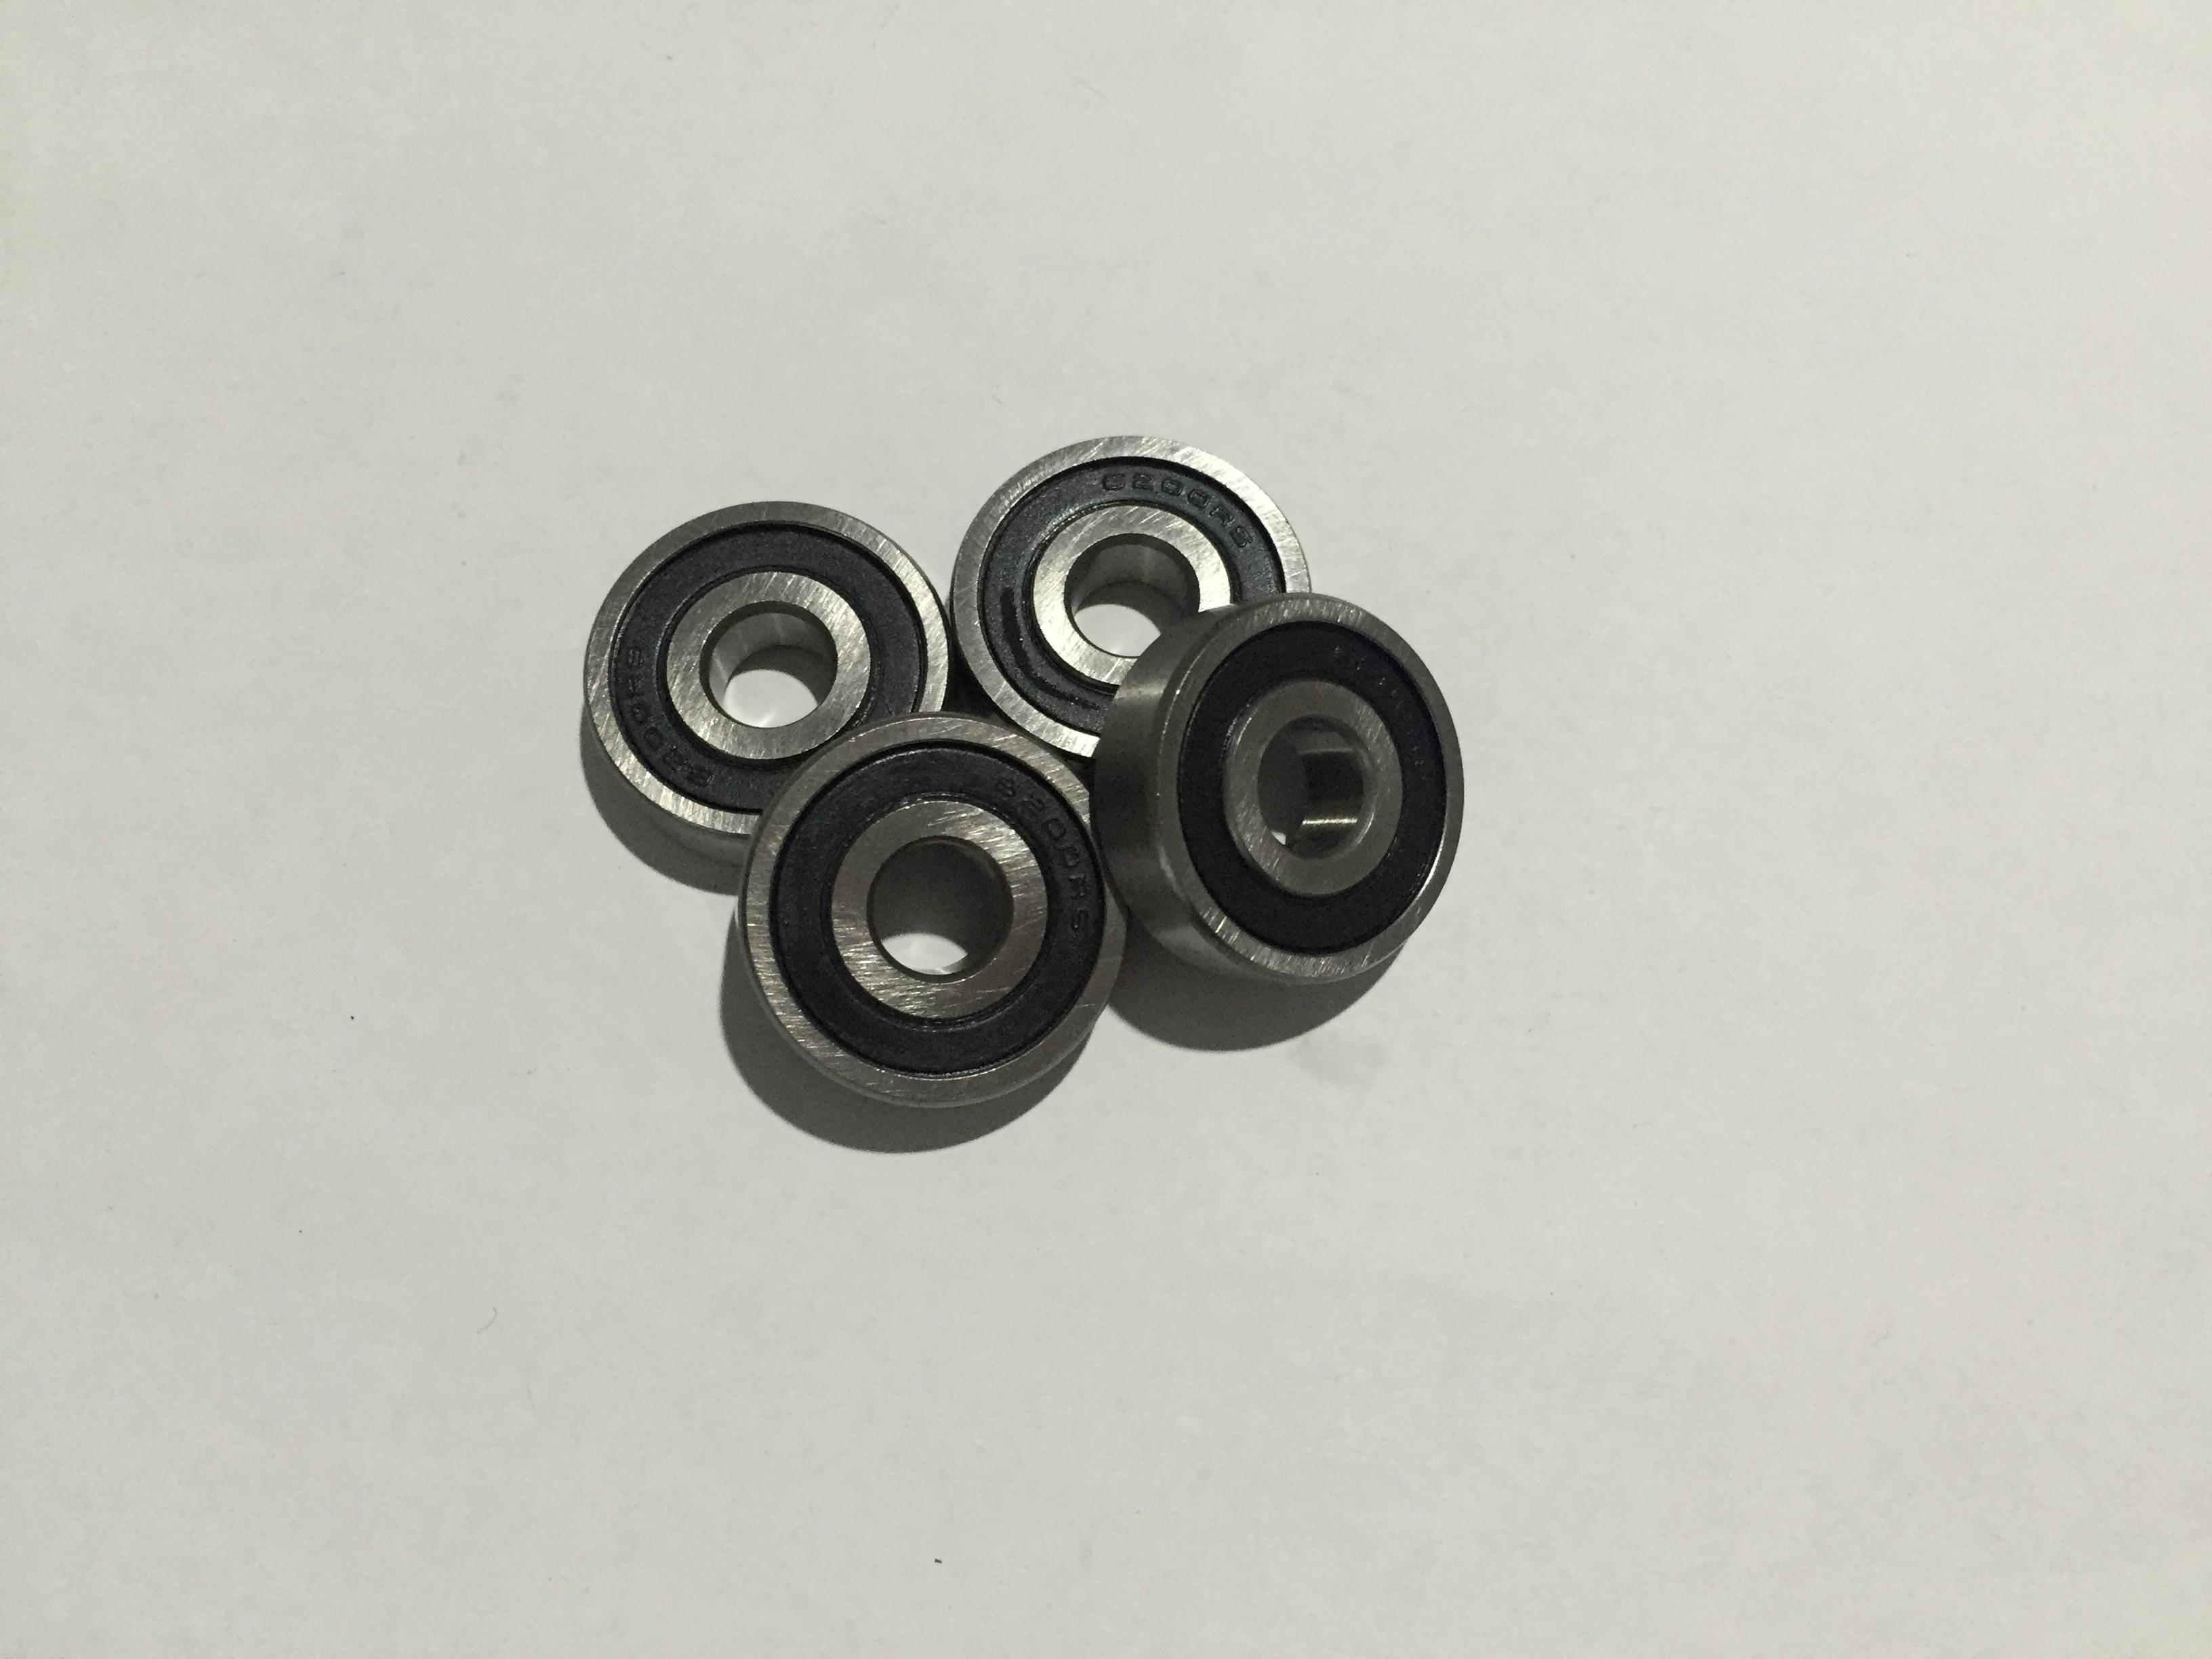 6820-2RS RS bearings Ball Bearing 6820RS 100 X 125 X 13mm samsung rs 552 nruasl